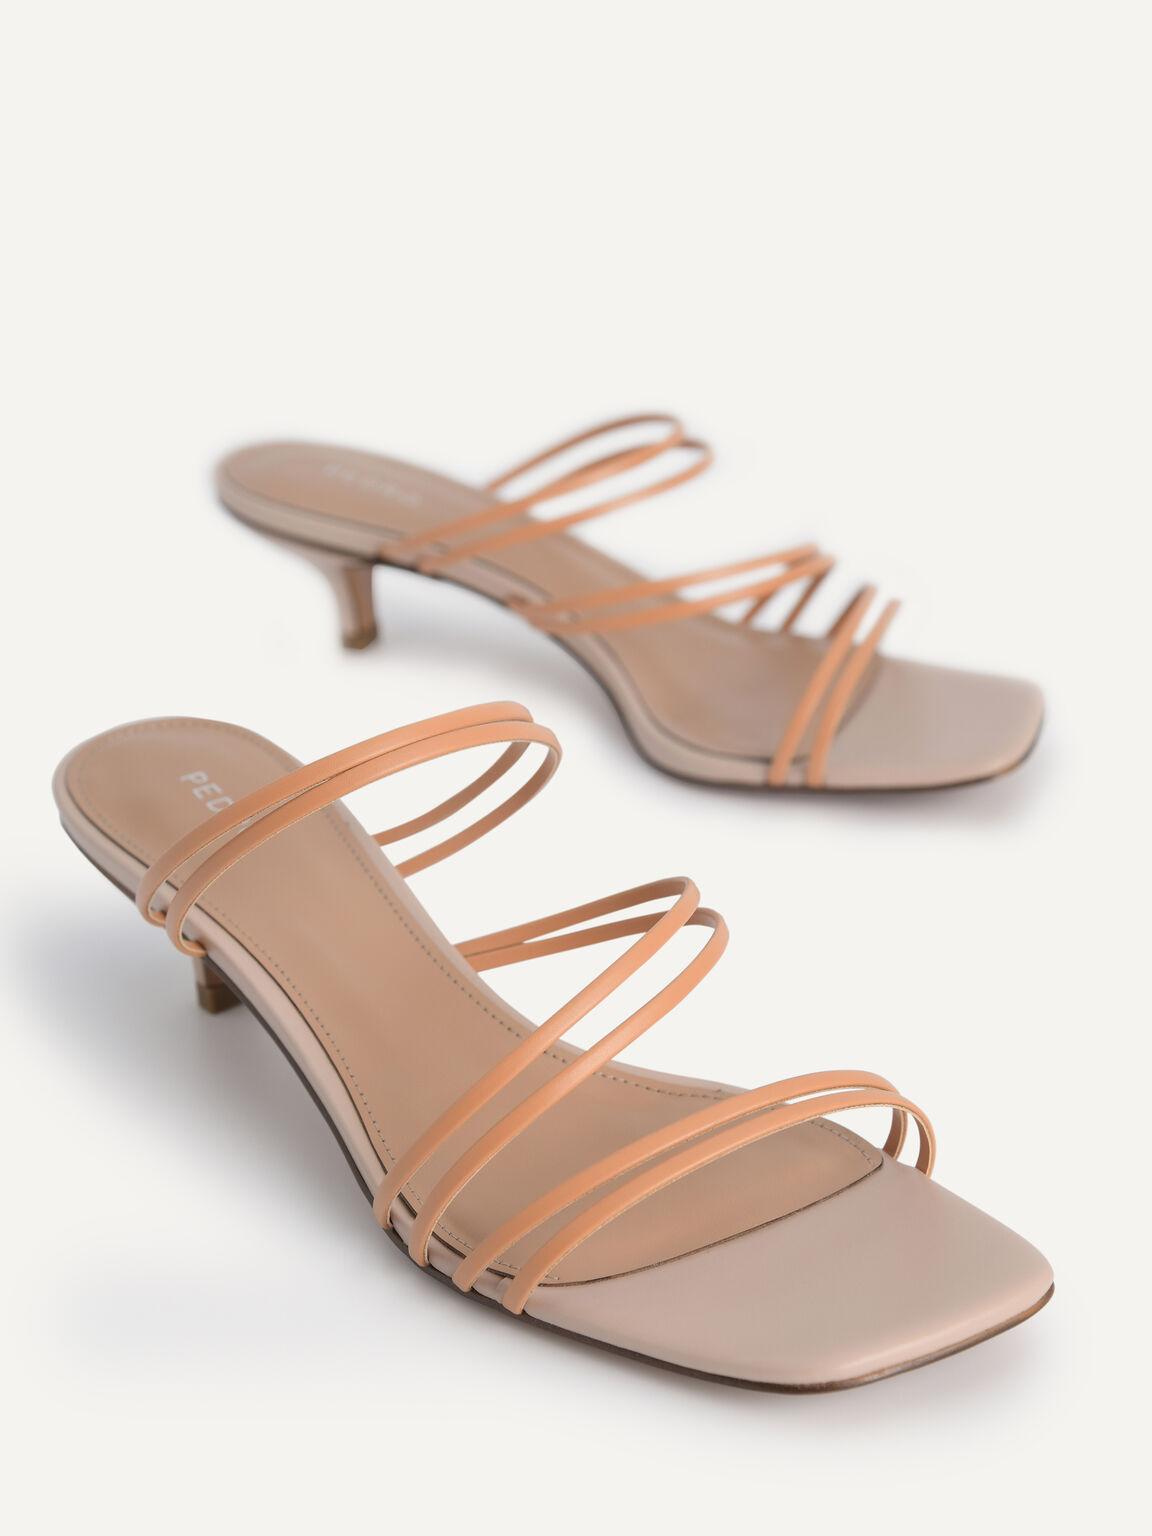 Strappy Heeled Sandals, Camel, hi-res